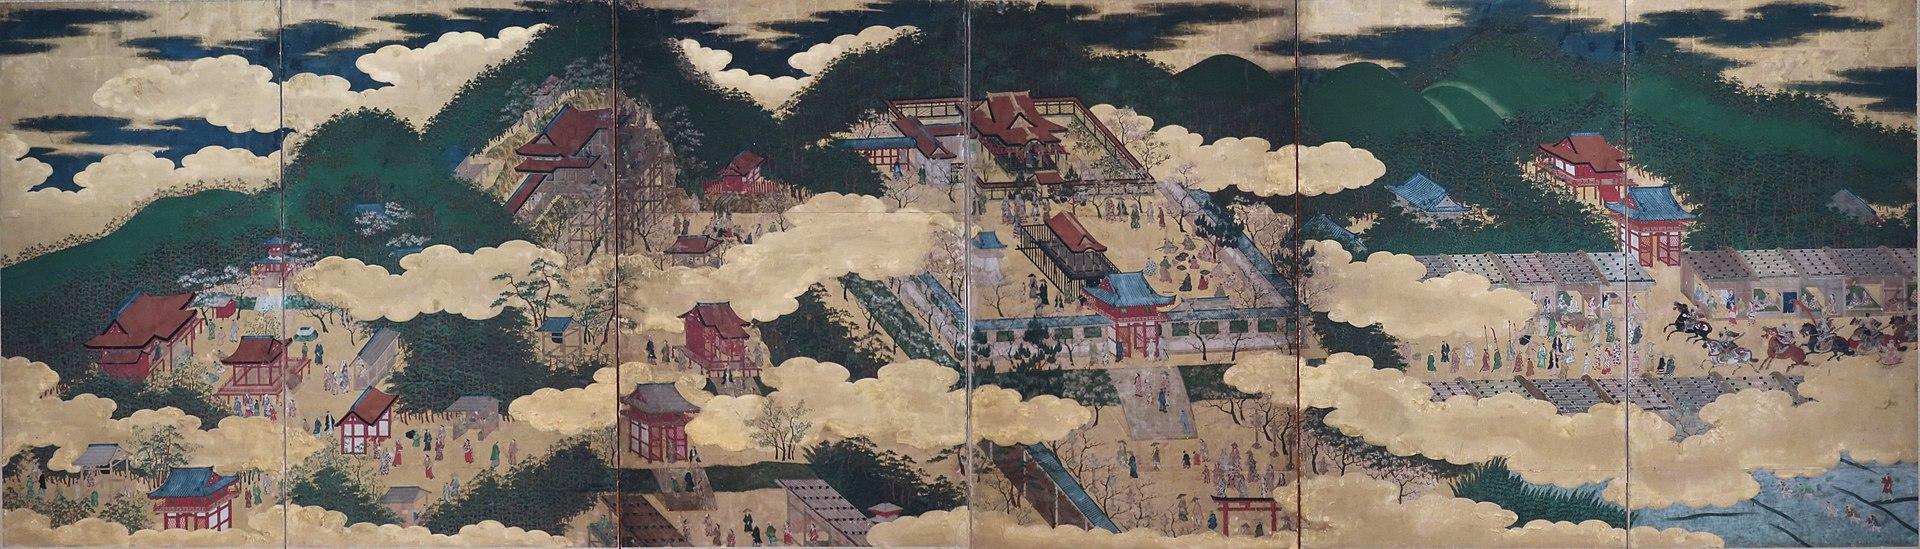 1920px-'Temples_in_Eastern_Kyoto',_c._1600,_Japan,_Momoyama_period.jpg